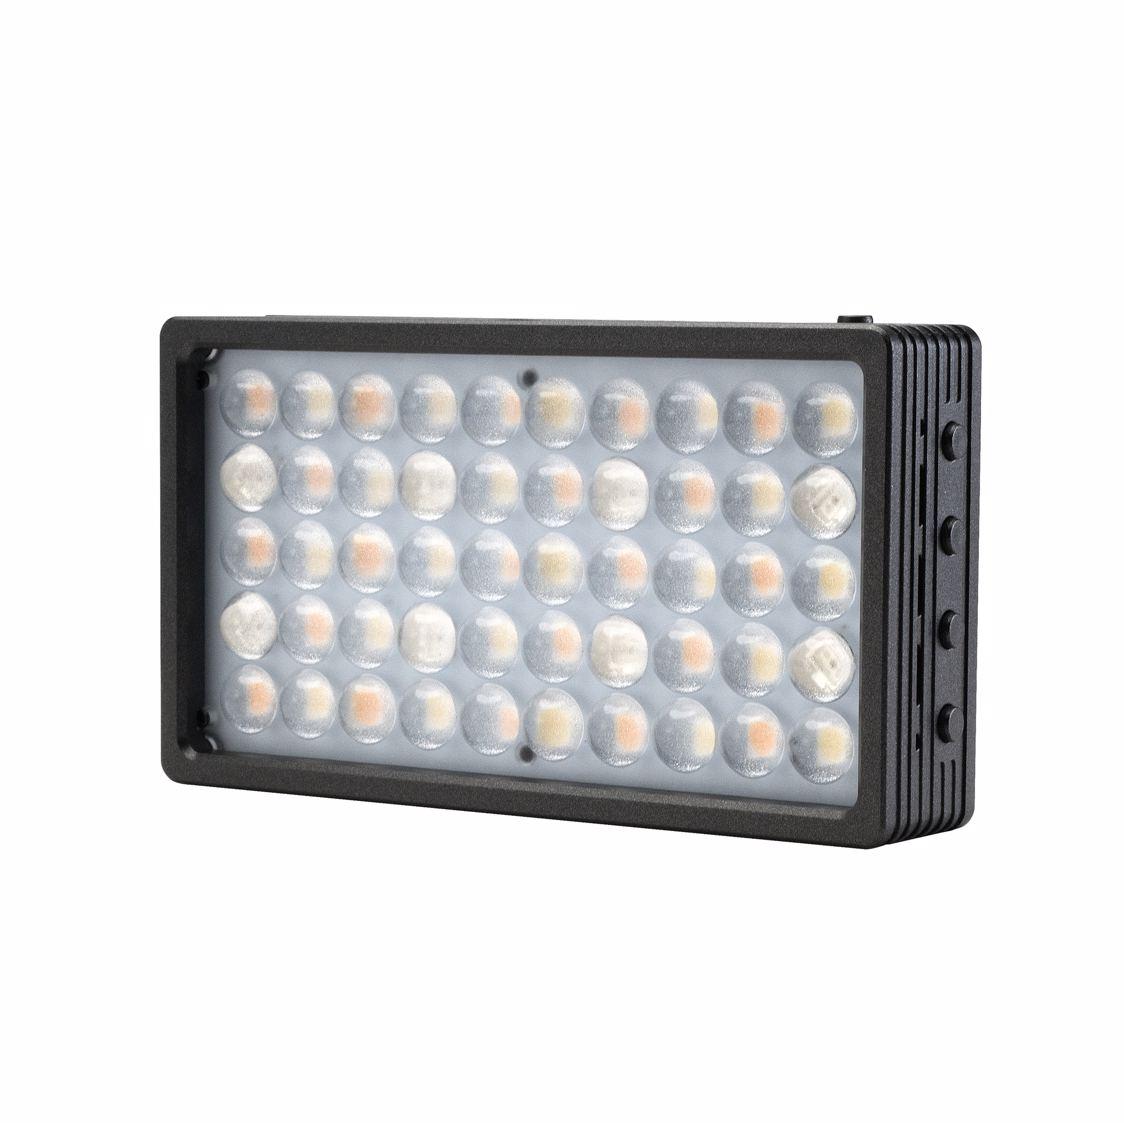 Nanlite - LitoLite 5C - LED Pocket Light